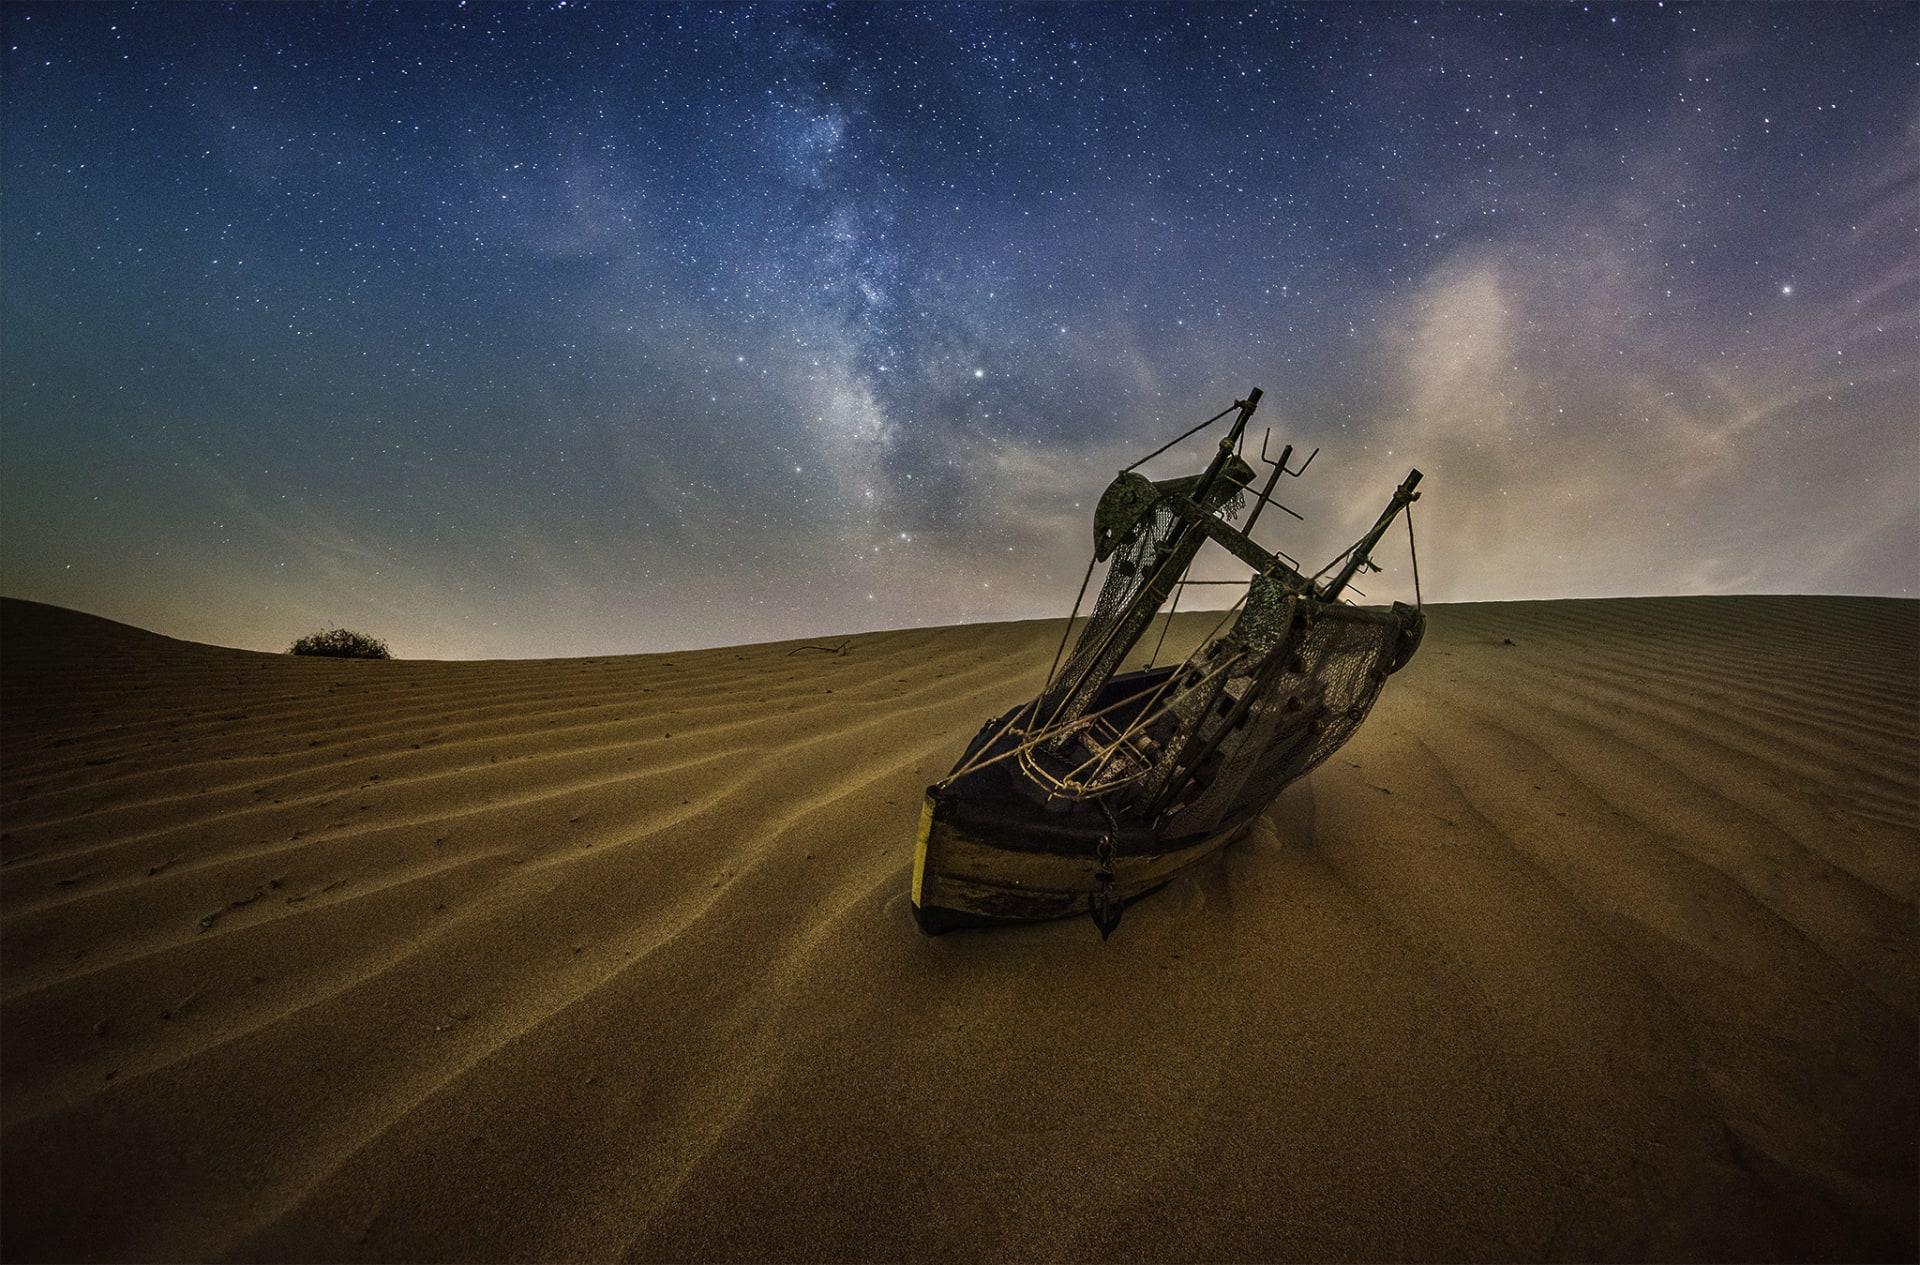 المصور المصري، سامي العلبي